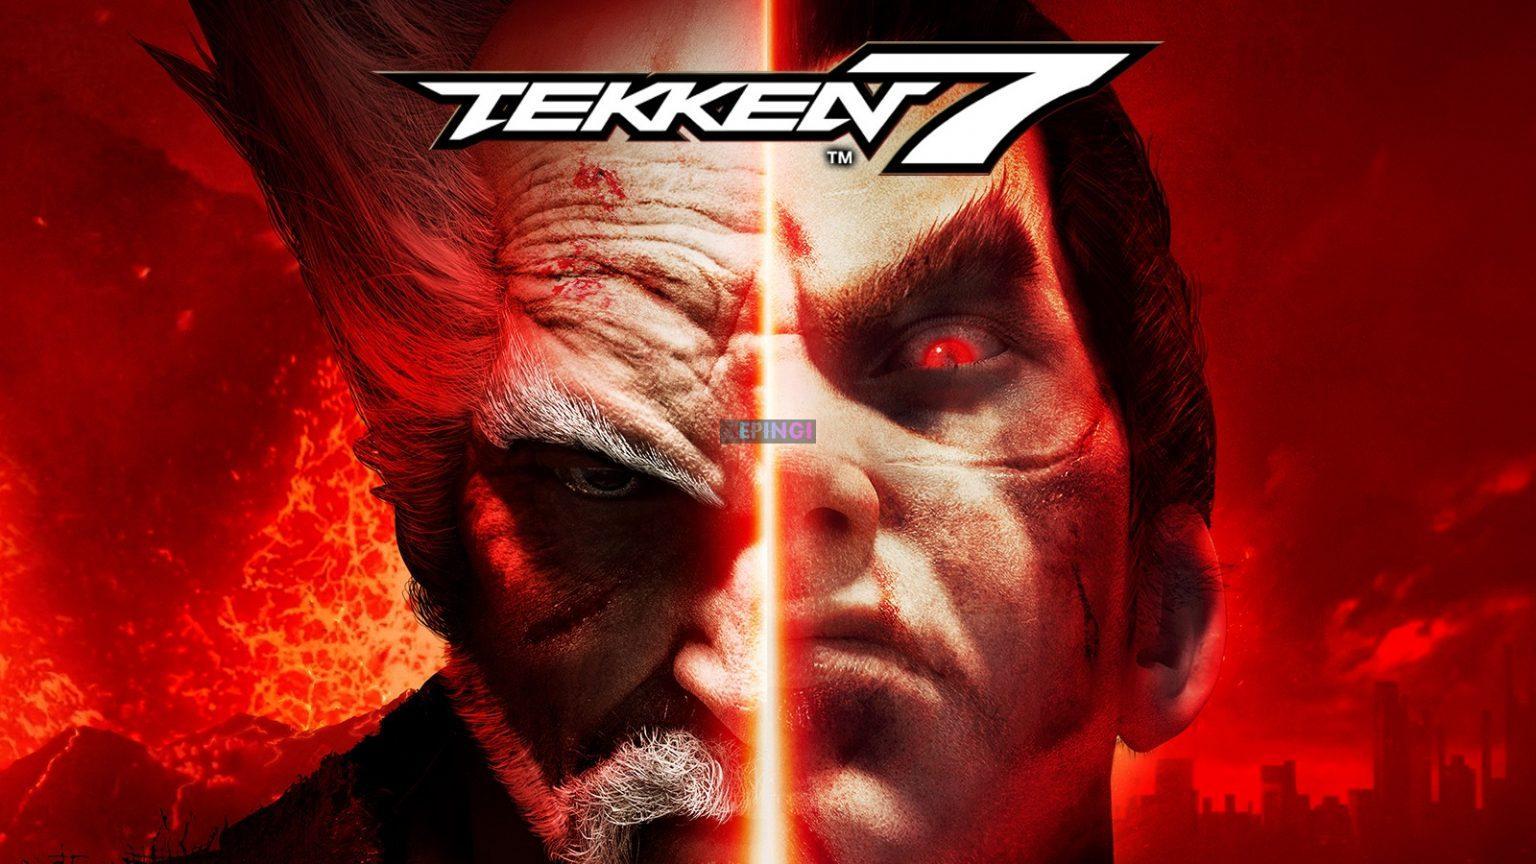 TEKKEN 7 iOS/APK Version Full Game Free Download